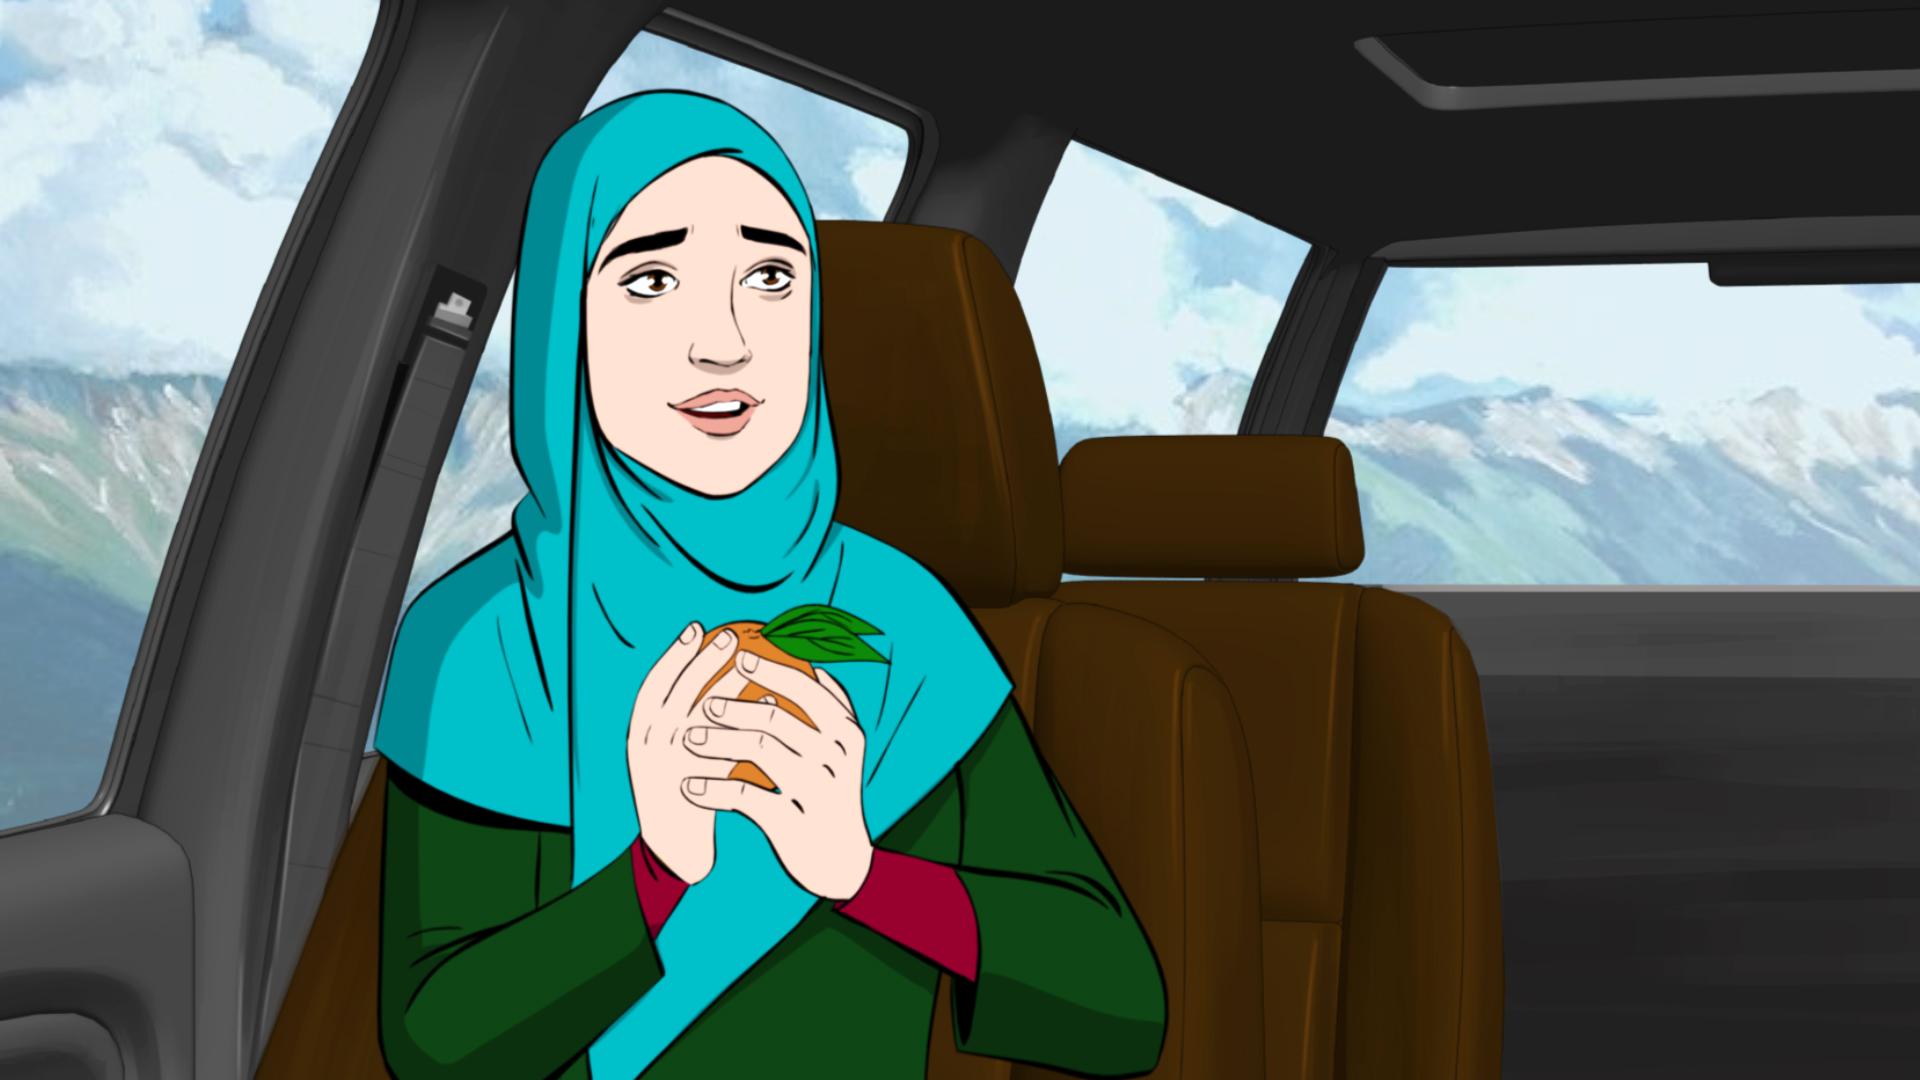 زندگی شهید عماد مغنیه در یک انیمیشن کوتاه +تصاویر